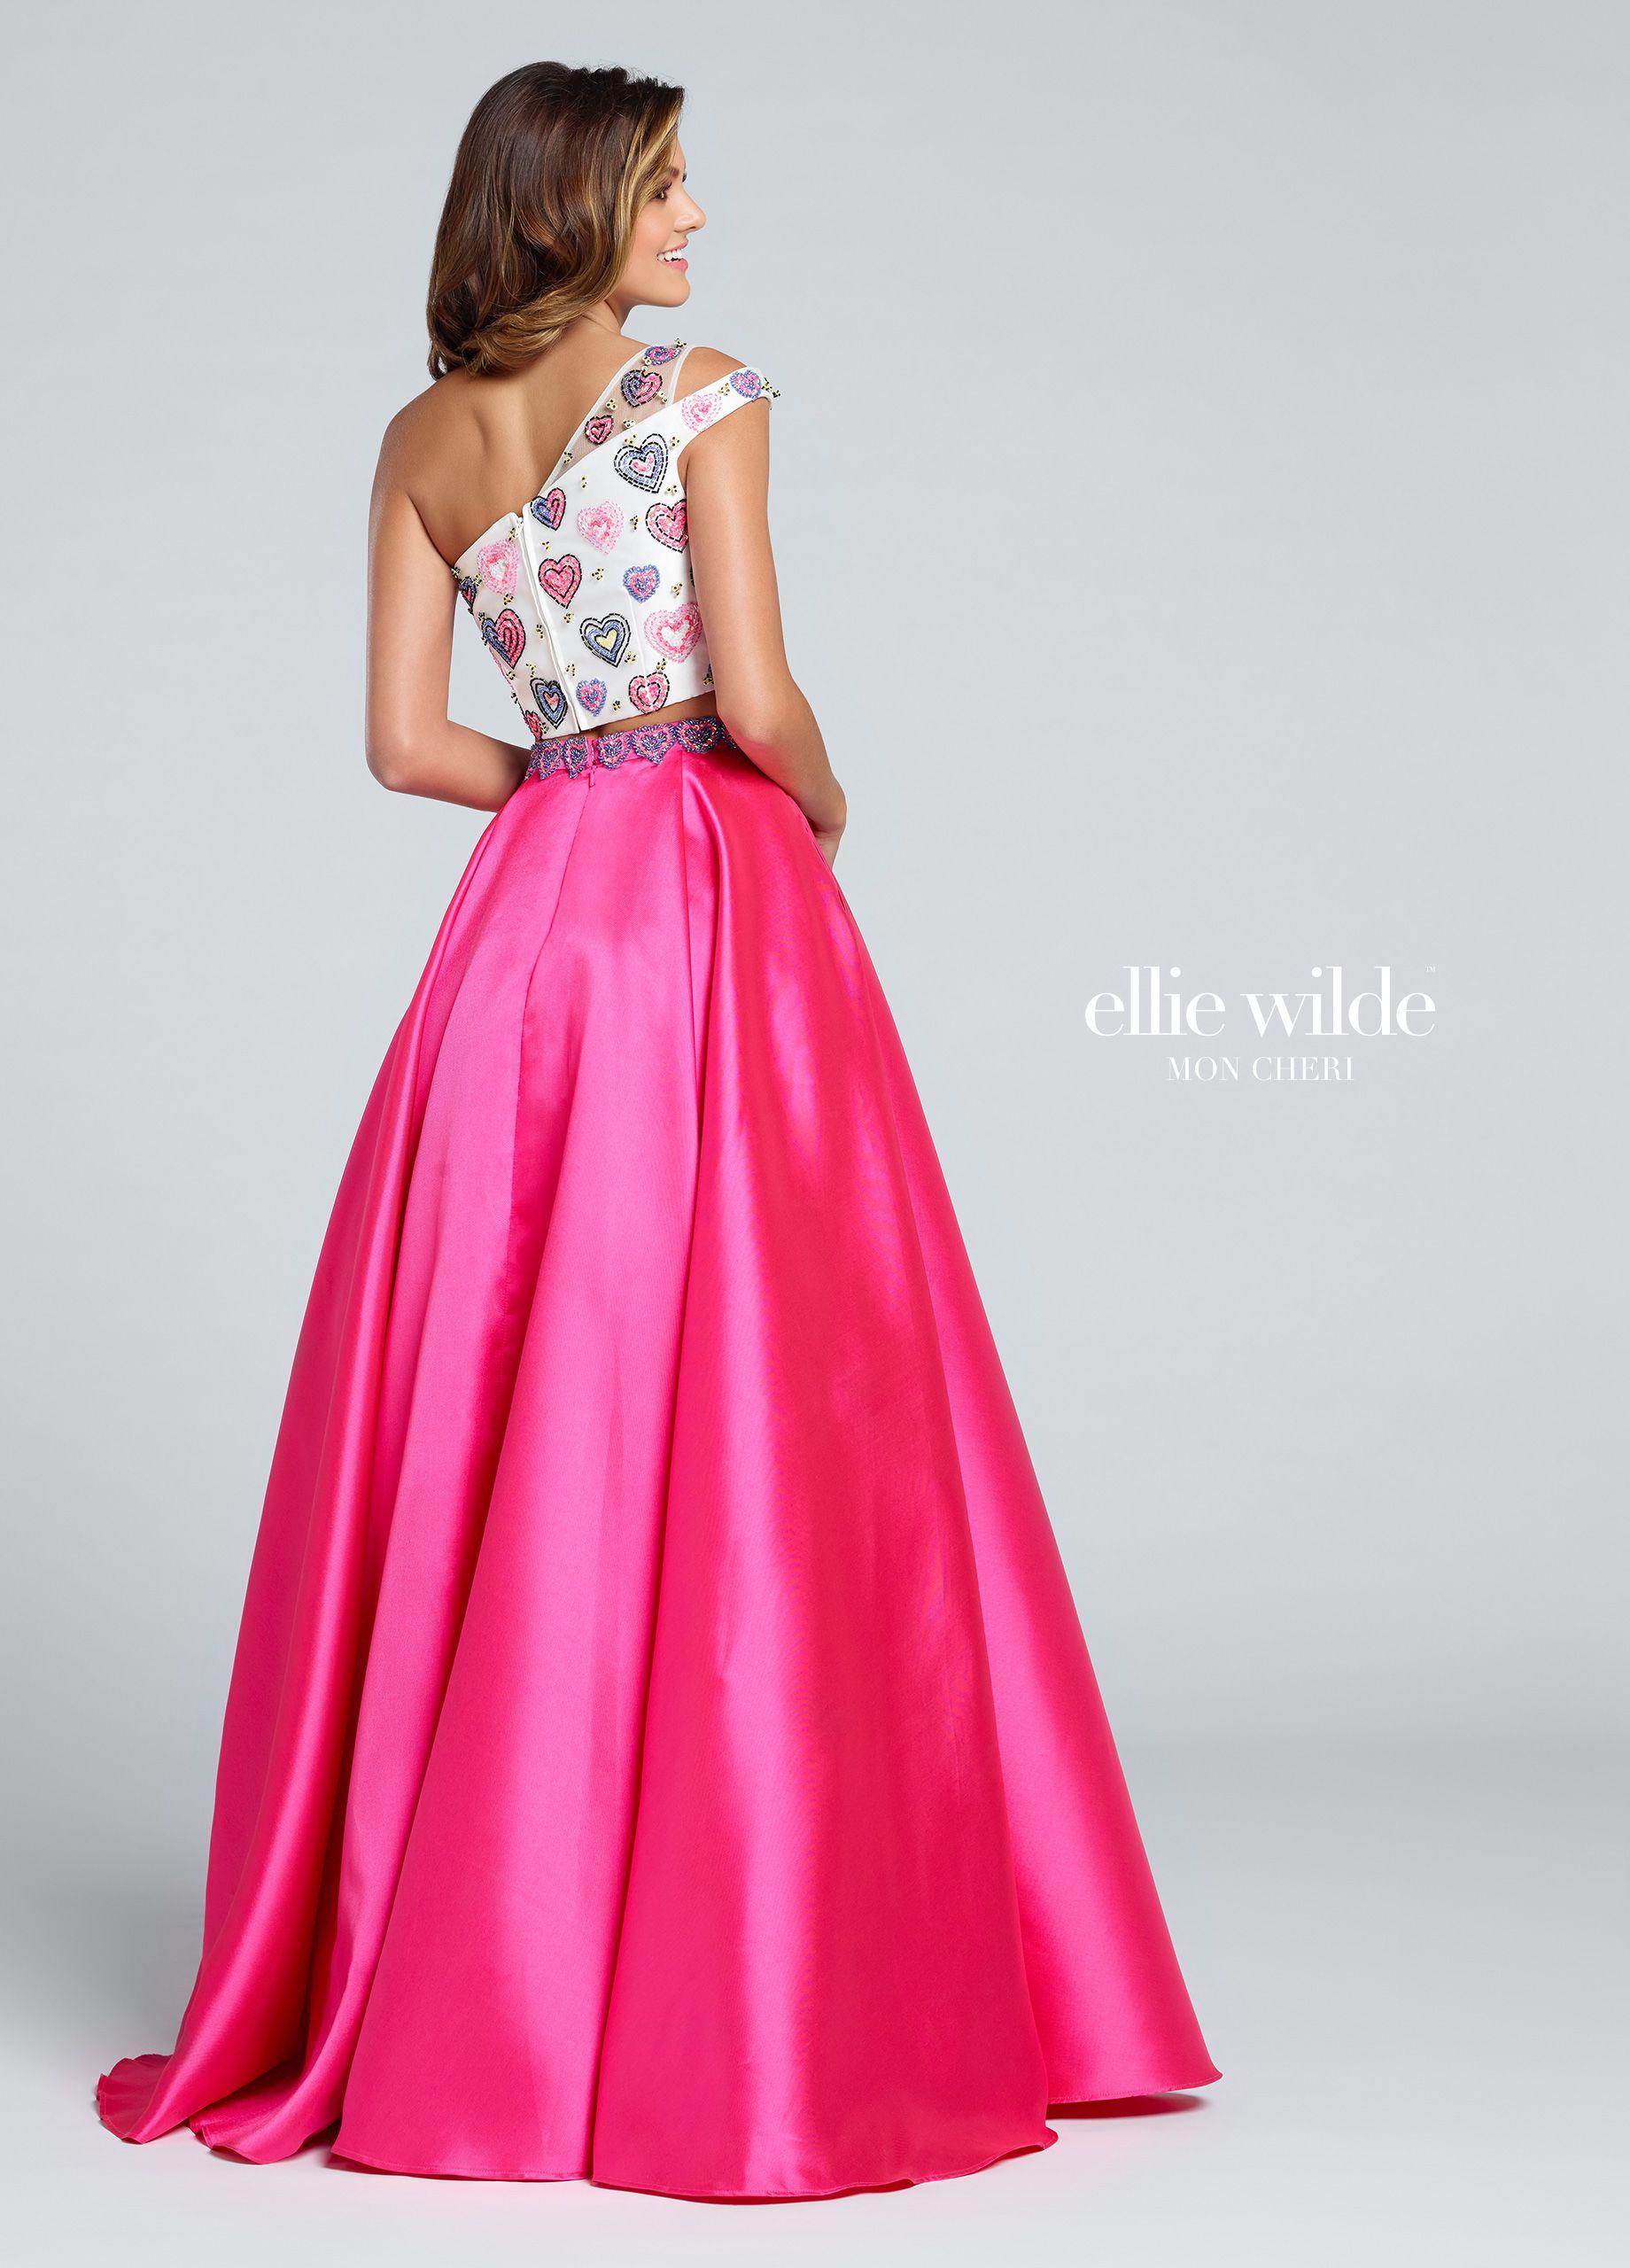 Two Piece Mikado One Shoulder Prom Dress With Pockets - EW117025